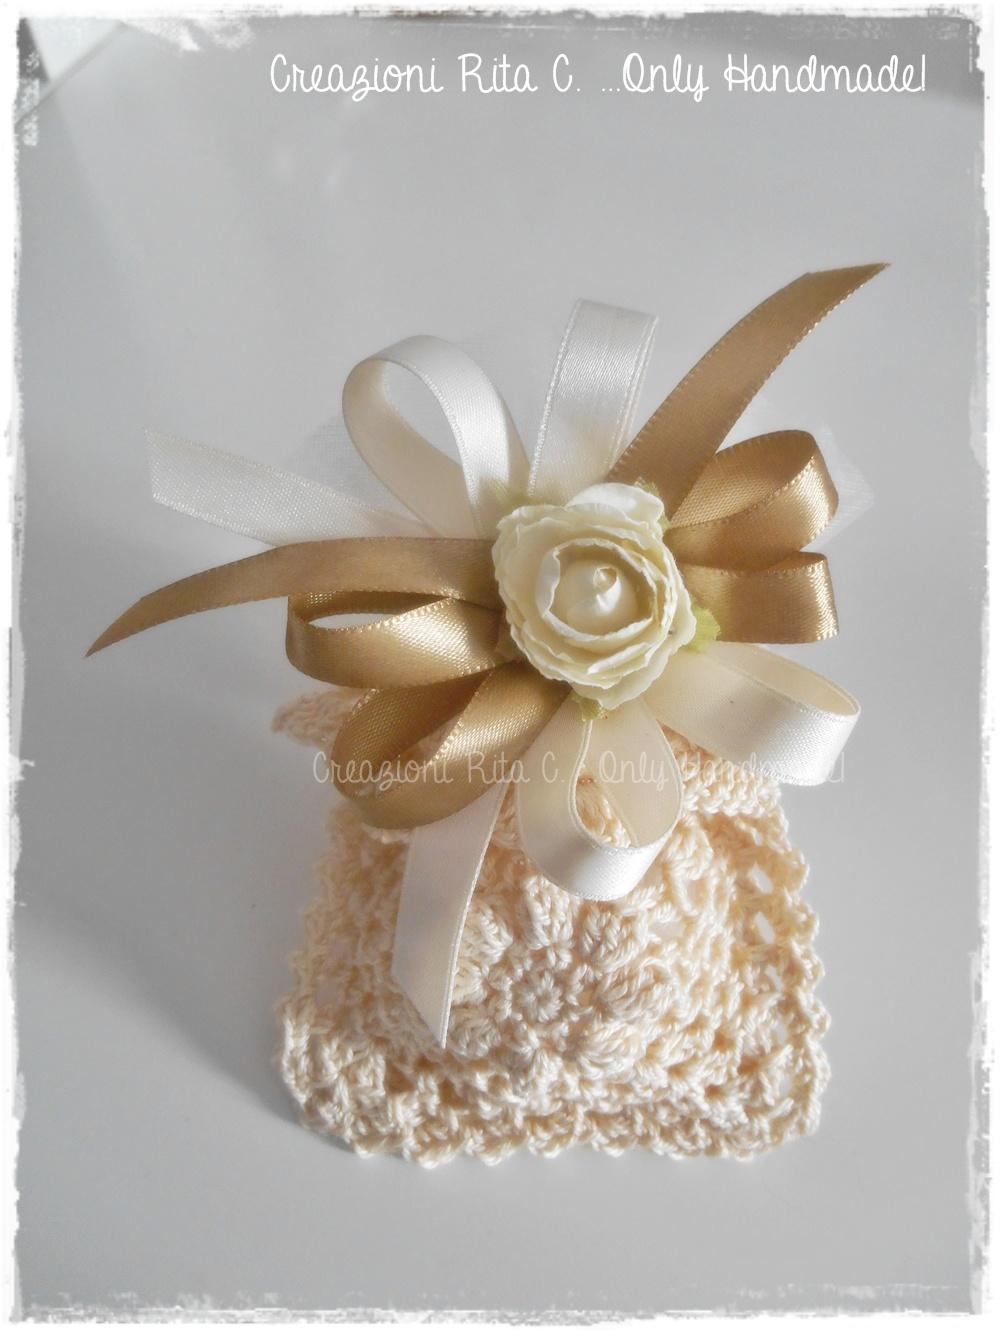 Amato Creazioni Rita C.  Only Handmade!: Per il tuo matrimonio  LN61